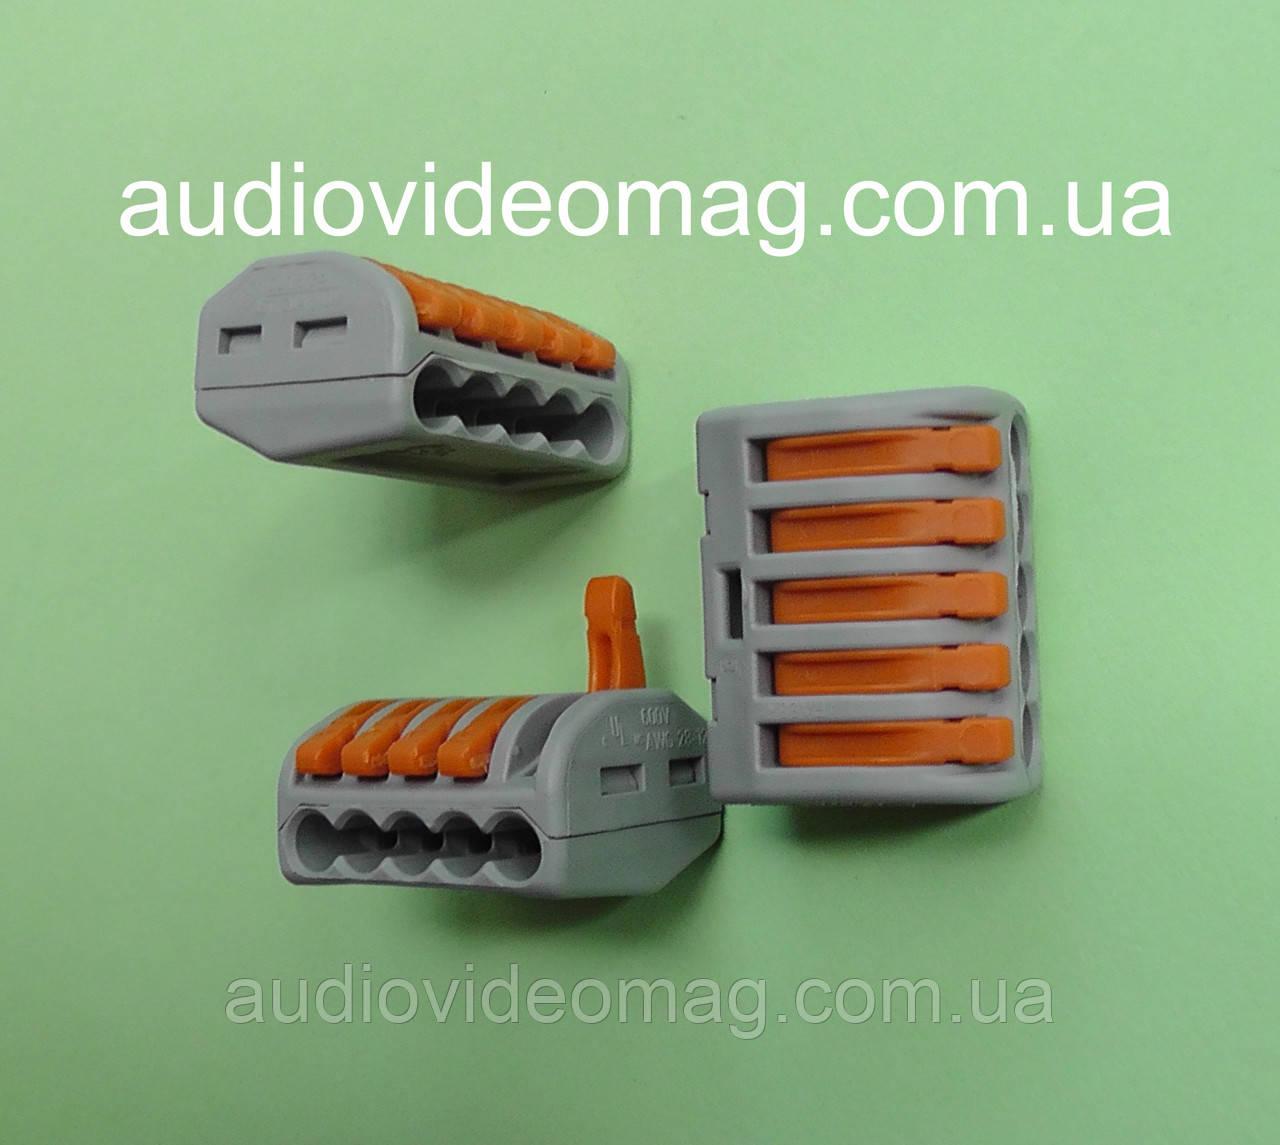 Многоразовая зажимная соединительная клемма 222-415 на 5 проводов